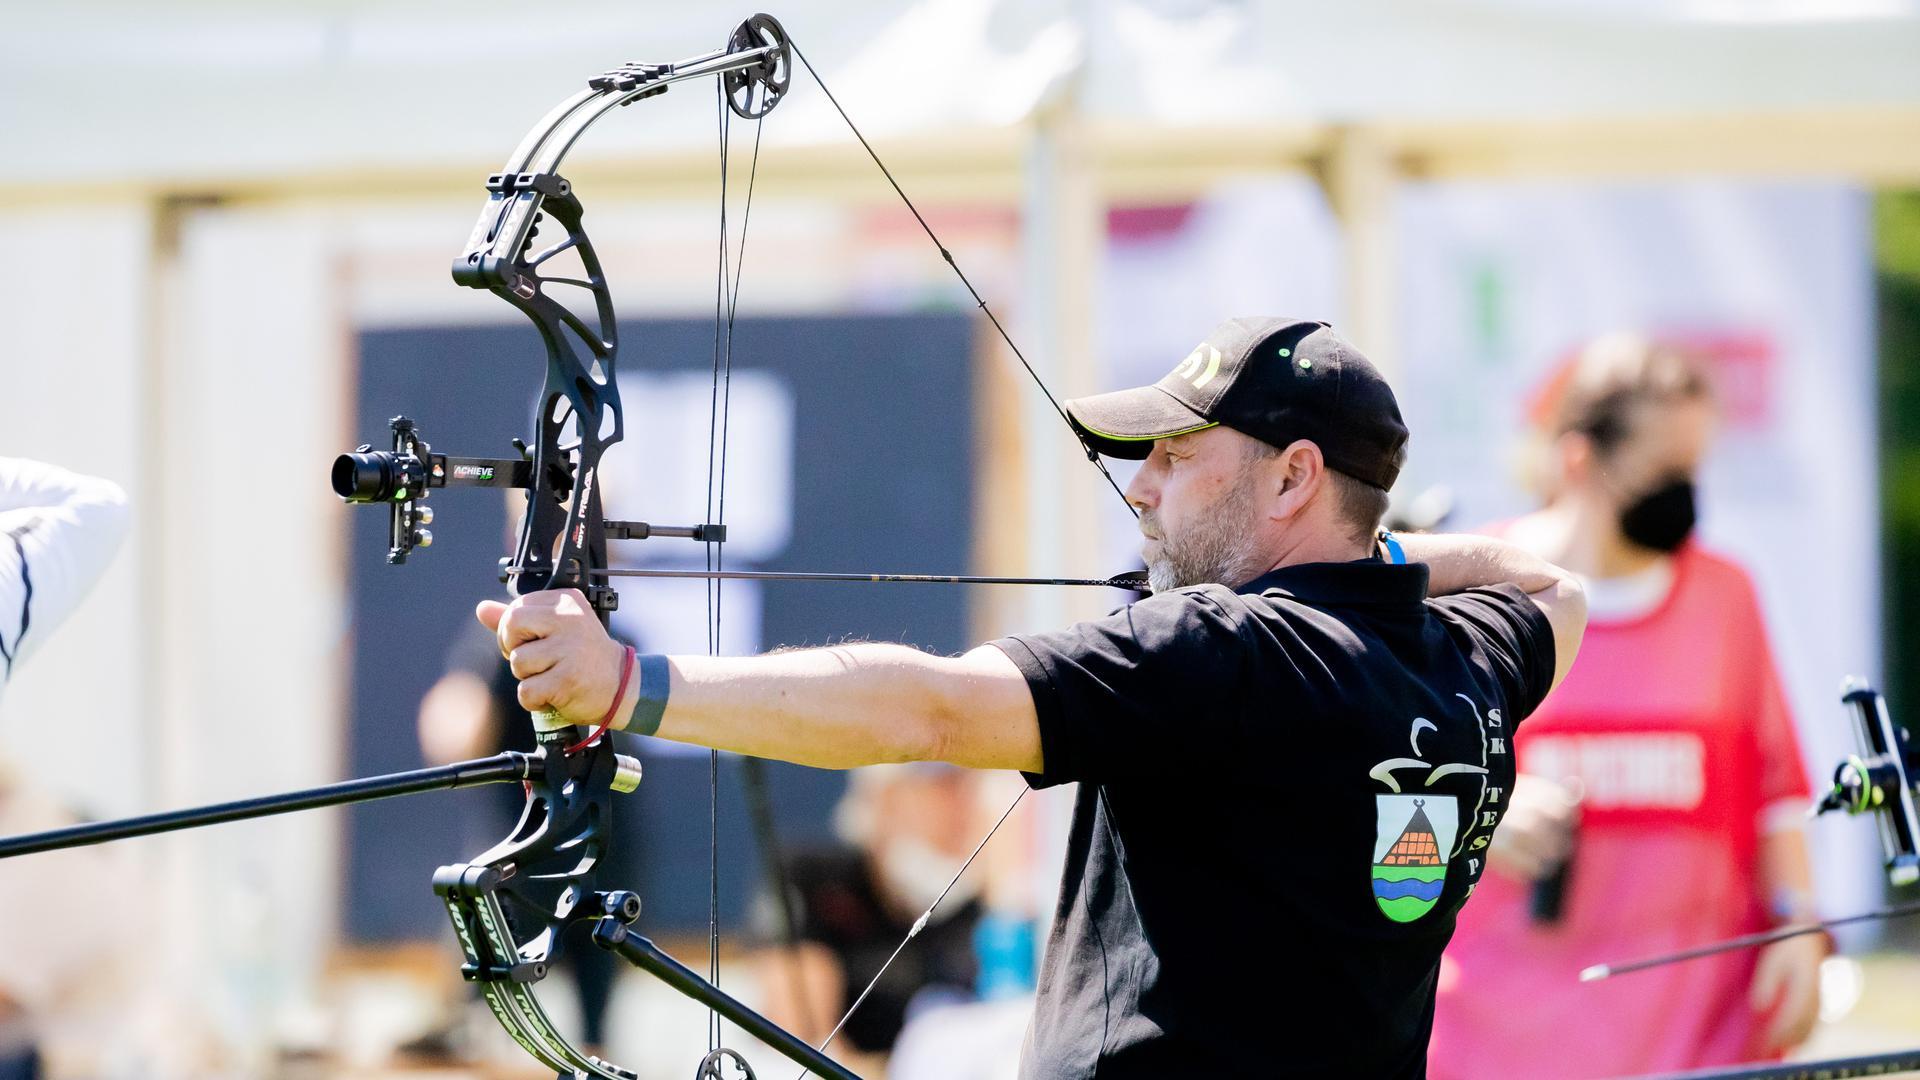 Präzise, flexibel, stabil und reichweitenstark: Moderne Compoundbögen sind bei Profi- und Freizeitsportlern sehr beliebt.